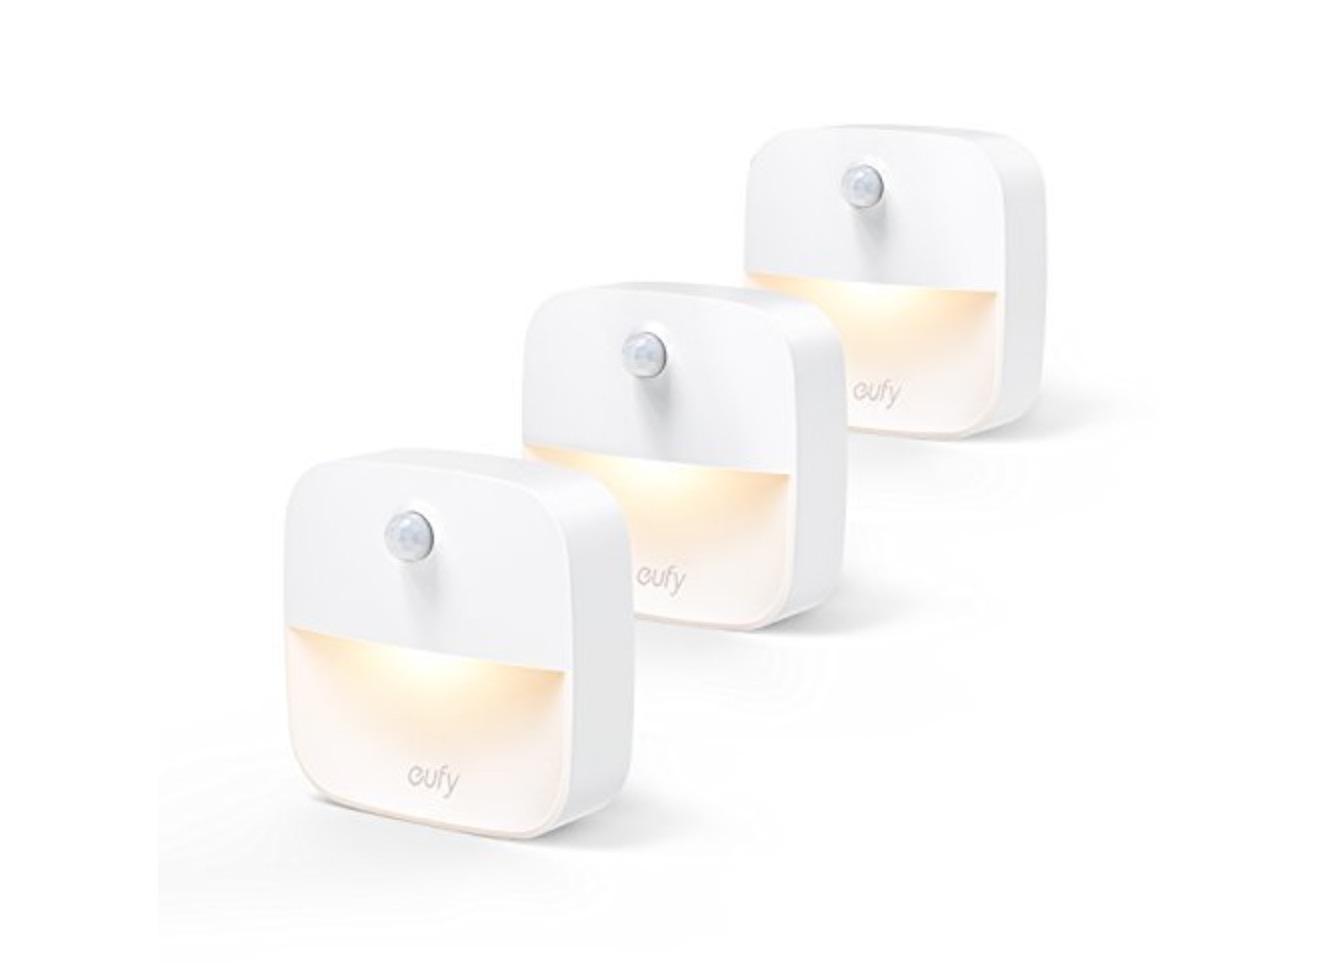 Kit di lampade led con sensore di movimento per interni sconto